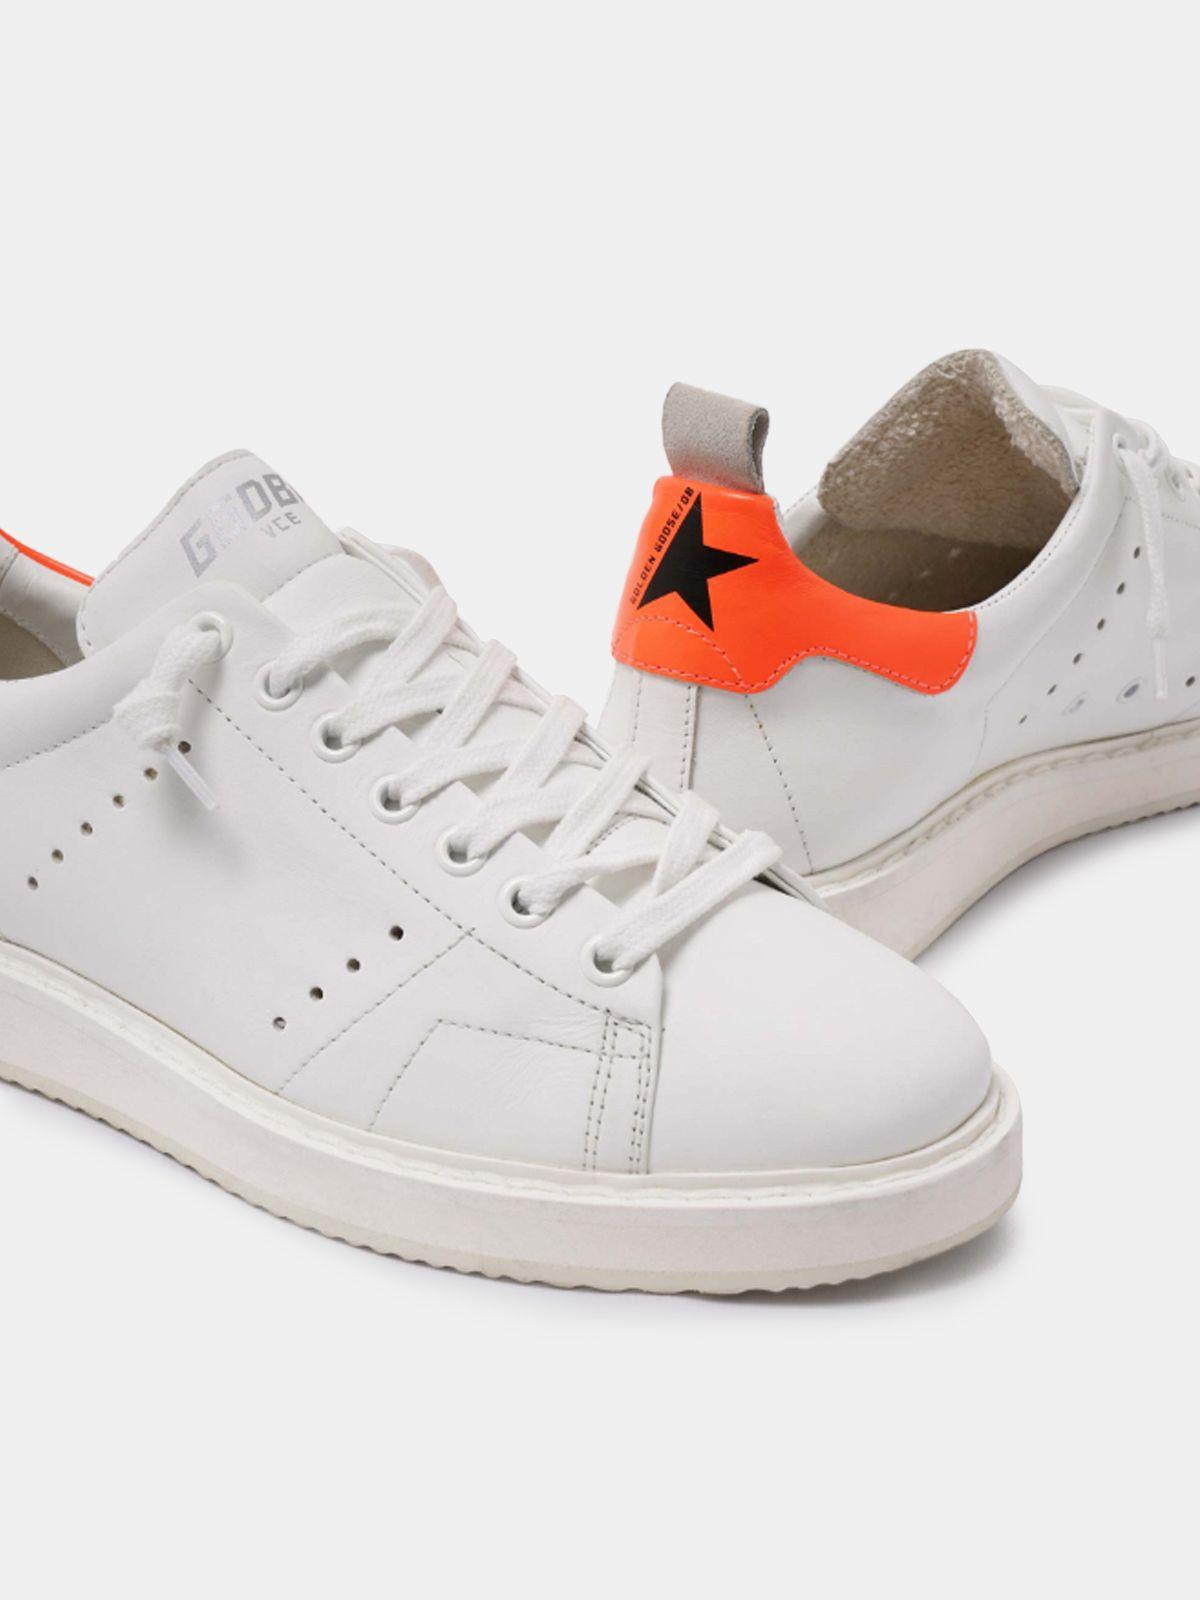 Golden Goose - Sneakers Starter bianche con talloncino arancio fluo in